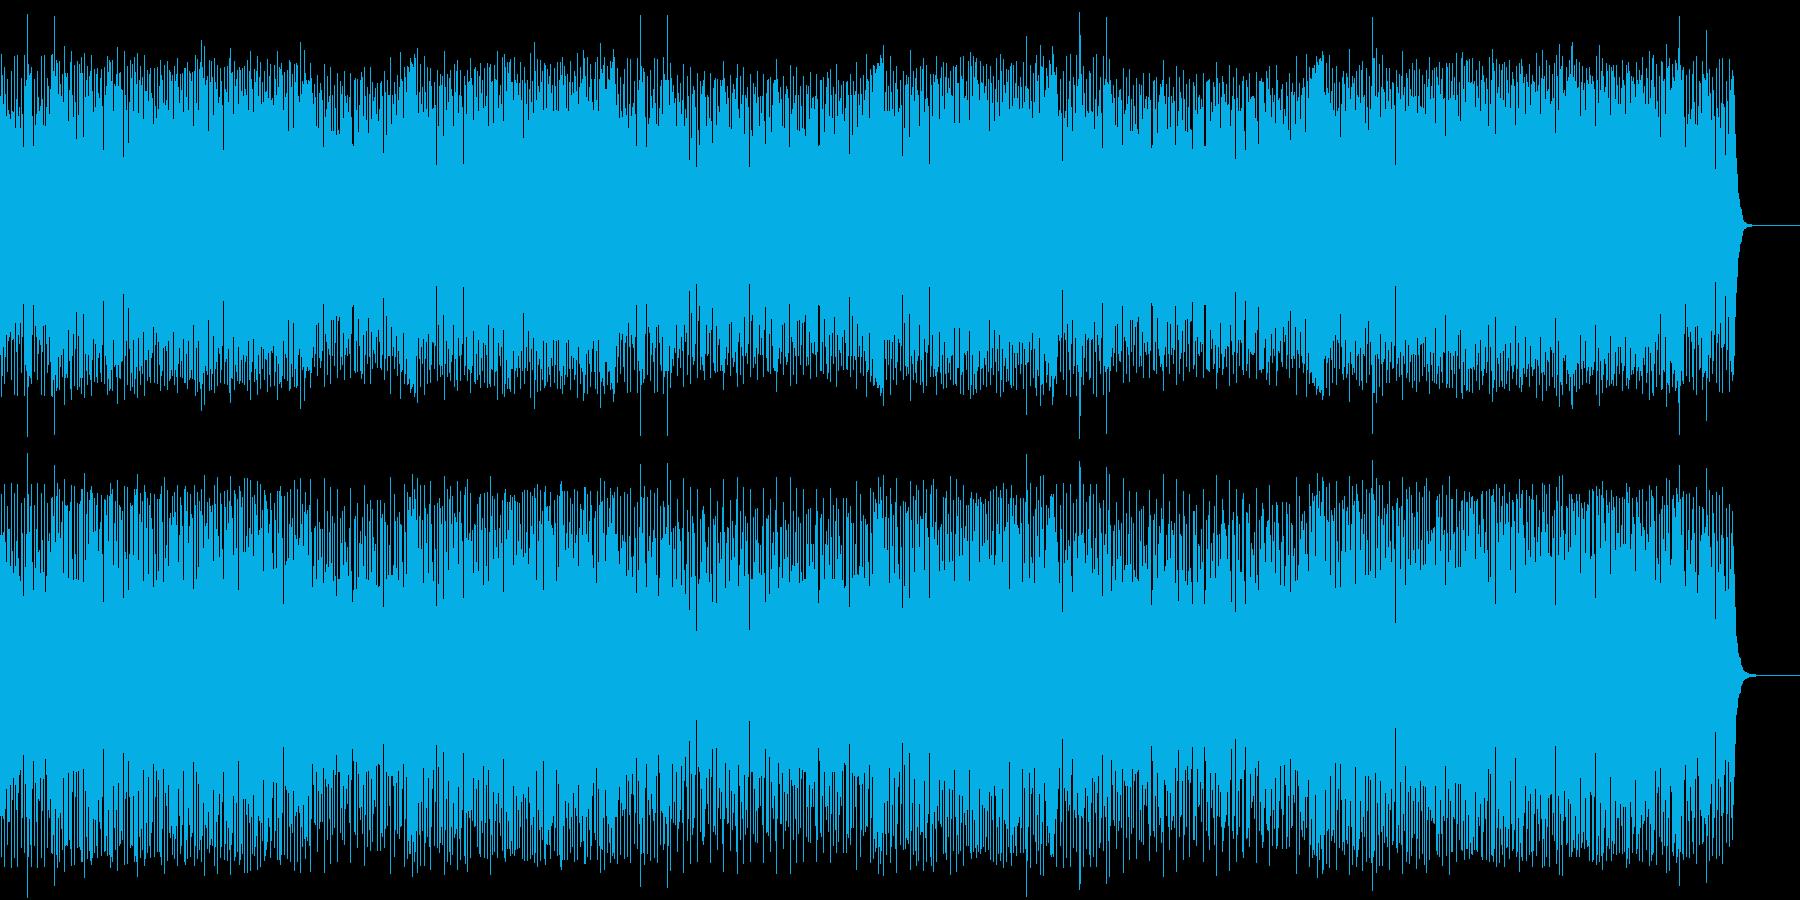 シュプールを描くポップ(フルサイズ)の再生済みの波形